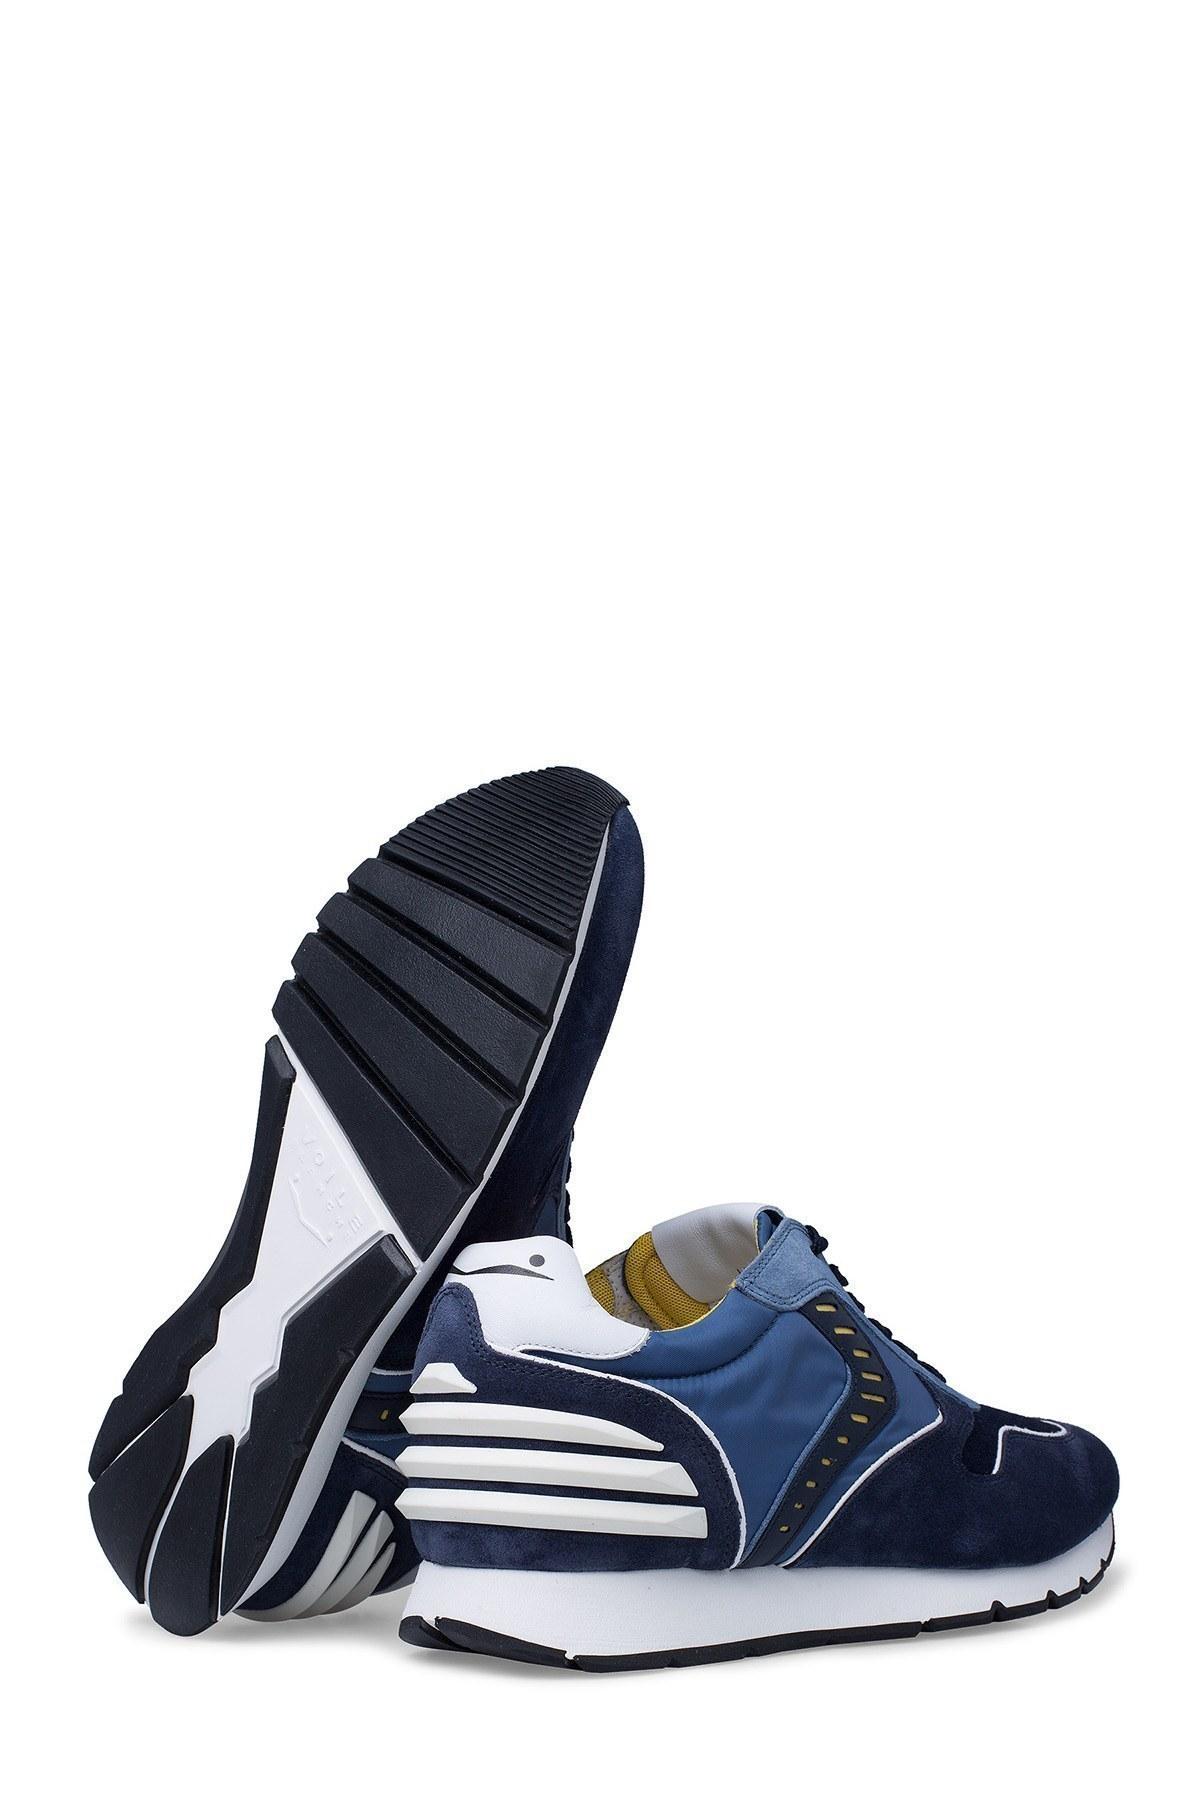 Voile Blanche Erkek Ayakkabı 0012014947.01.0C01 LACİVERT